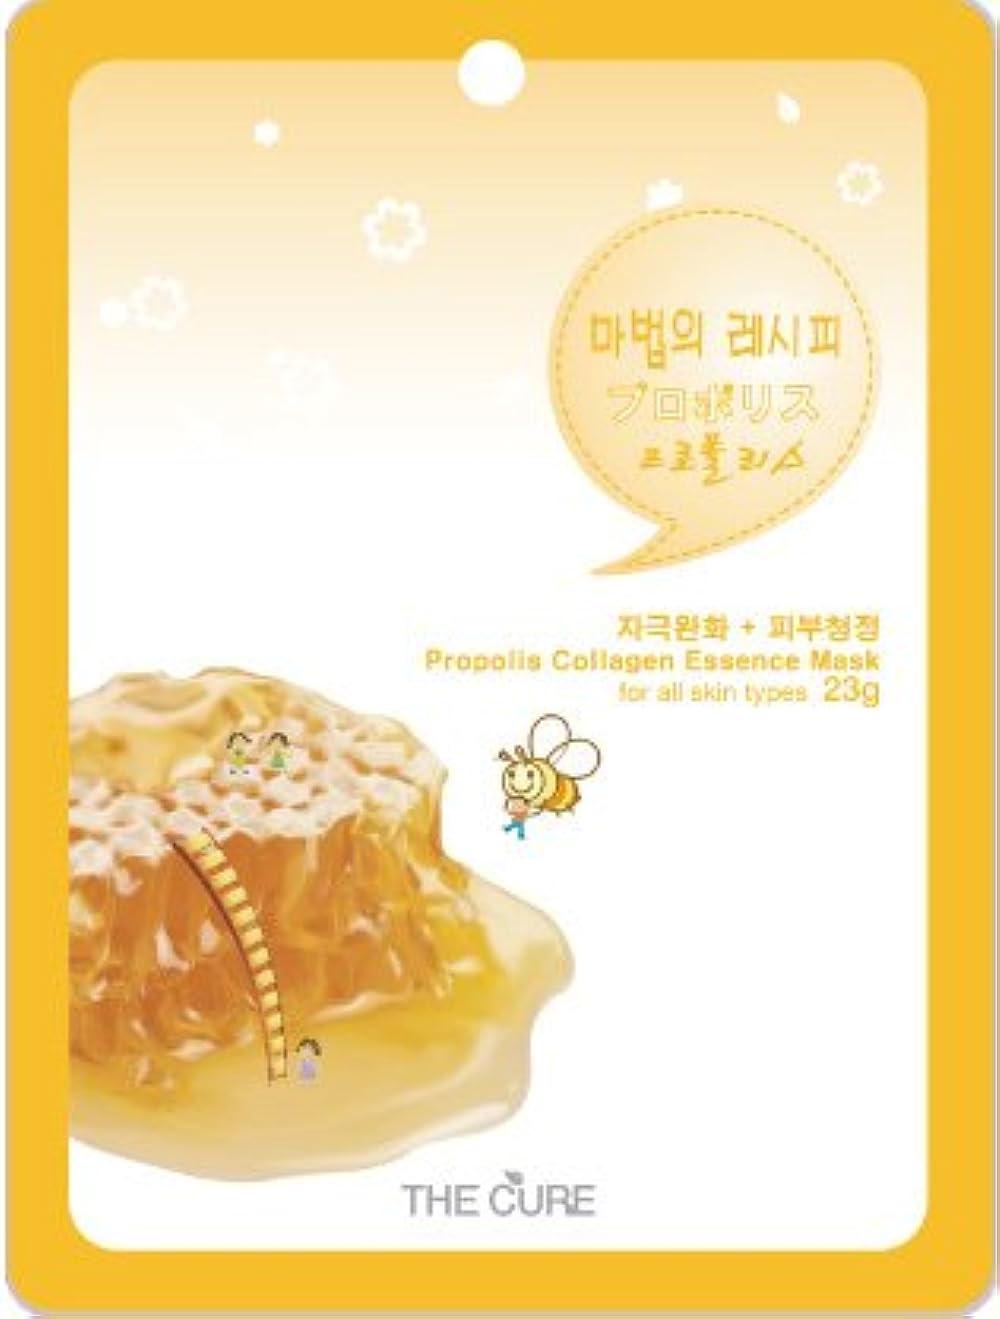 マージ最大の指定するプロポリス コラーゲン エッセンス マスク THE CURE シート パック 10枚セット 韓国 コスメ 乾燥肌 オイリー肌 混合肌